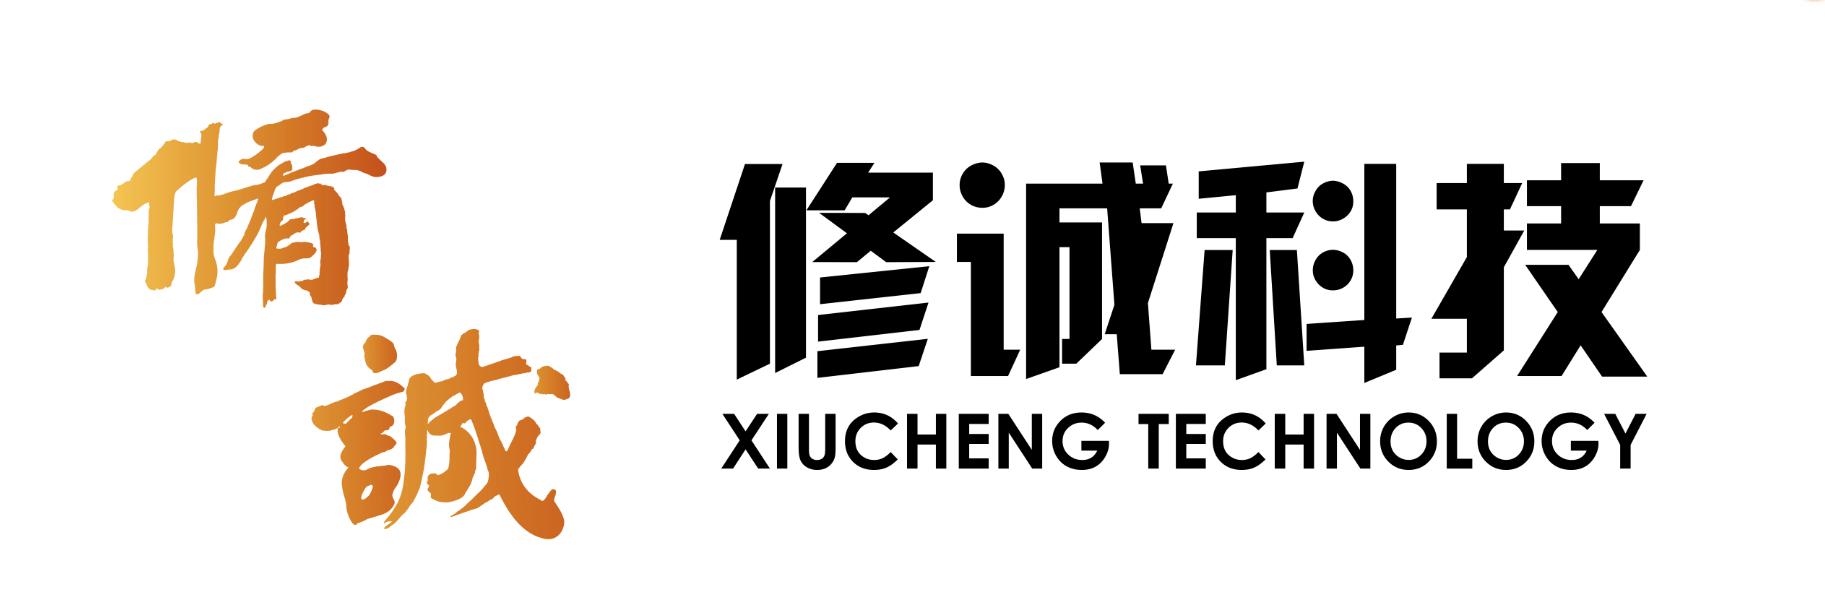 郑州市修诚网络科技有限公司